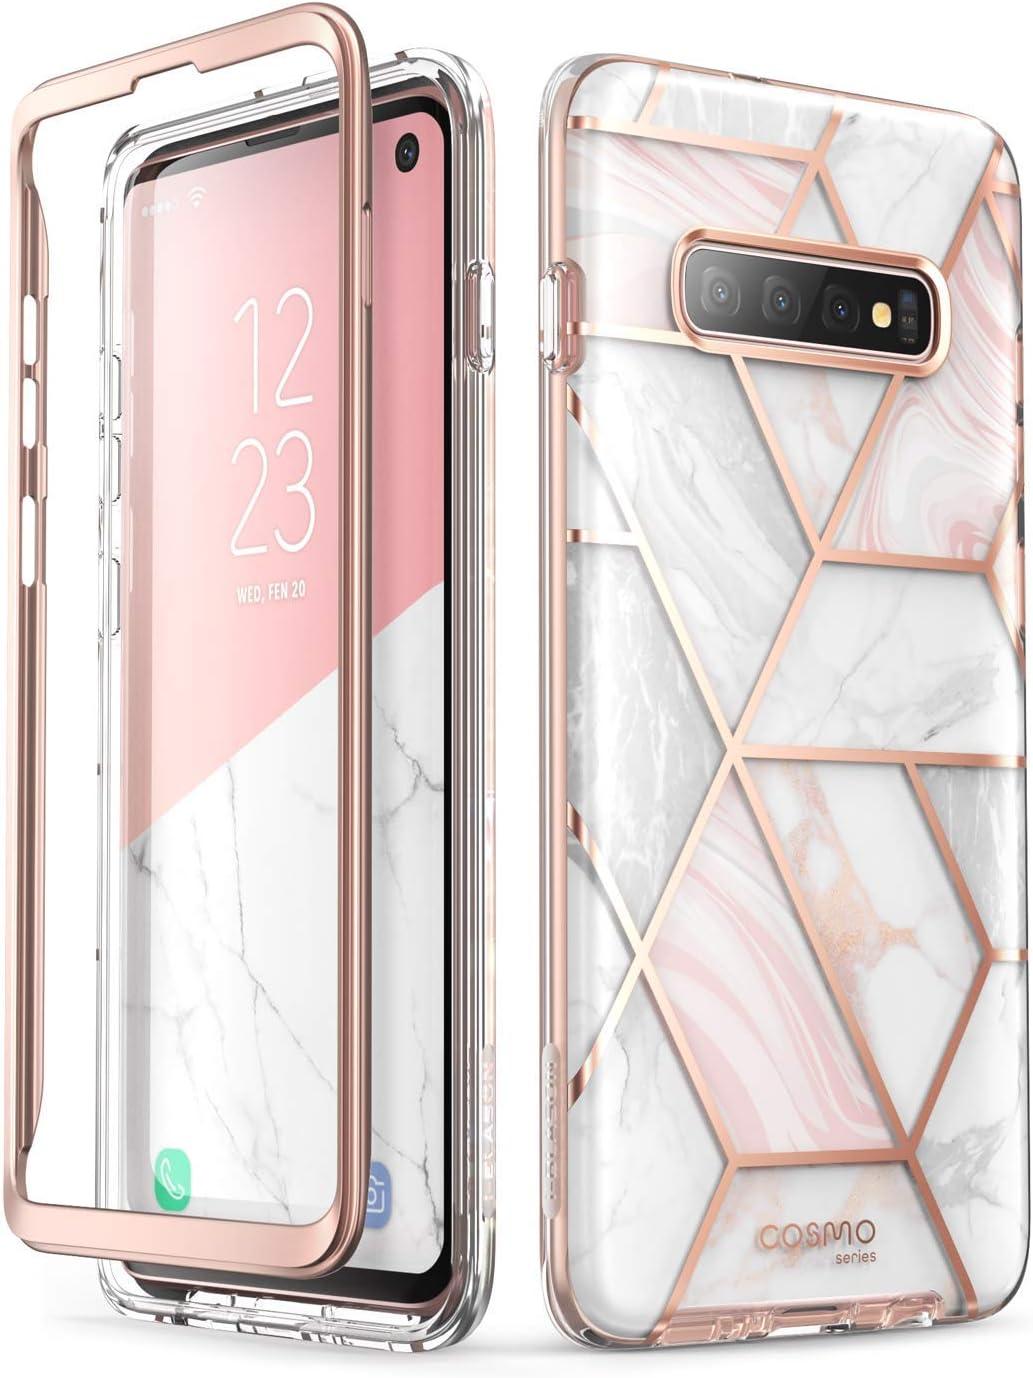 i-Blason Funda Galaxy S10 Plus [Cosmo] Antigolpes Carcasa sin el protectro de Pantalla Incorporado Compatible con Samsung Galaxy S10 Plus 2019 (Mármol)